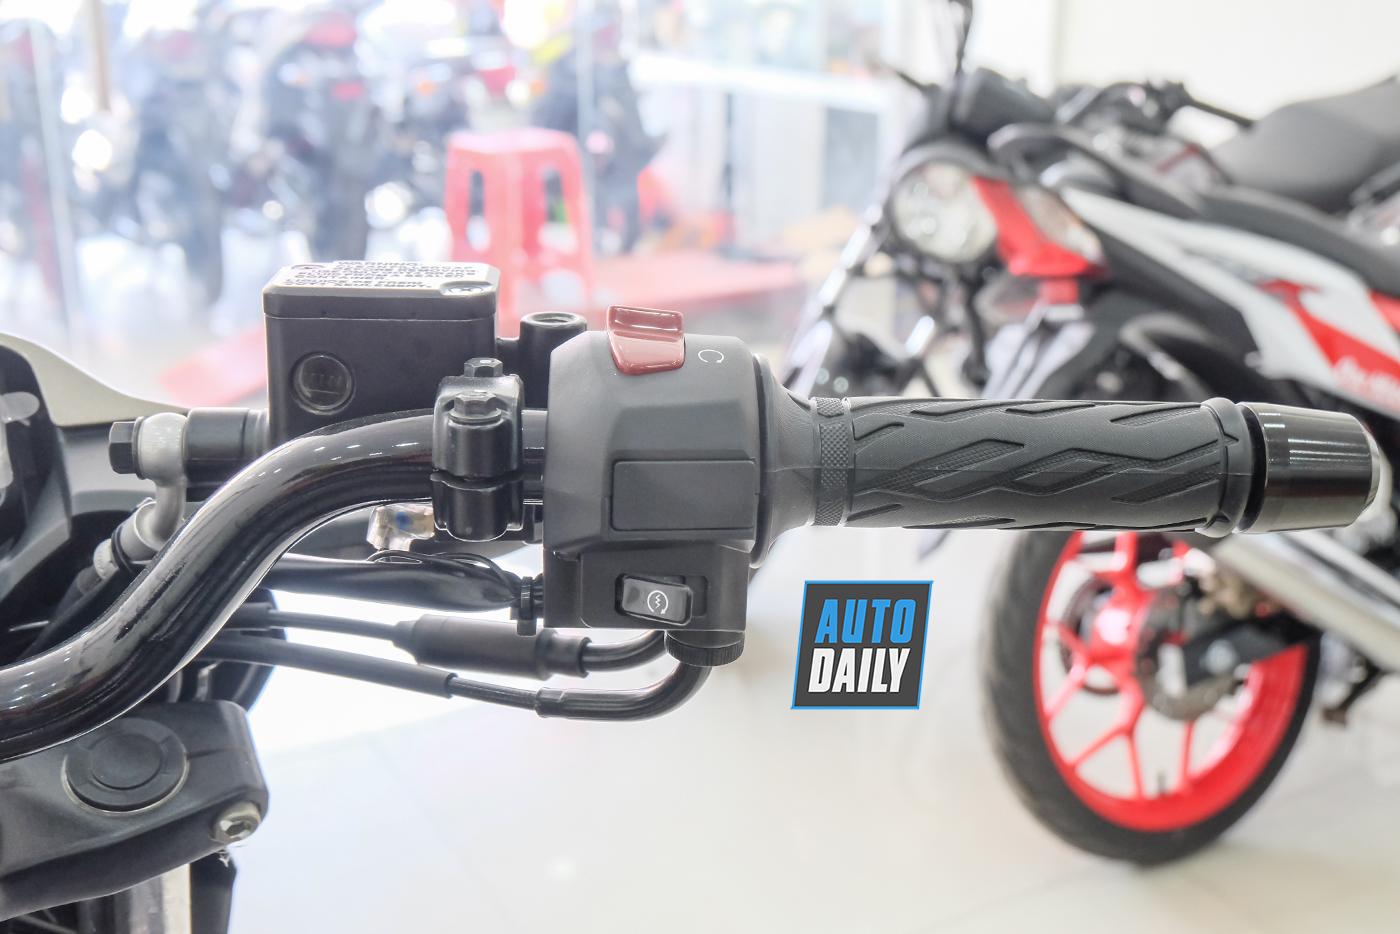 suzuki-gsx-150-bandit-23.jpg